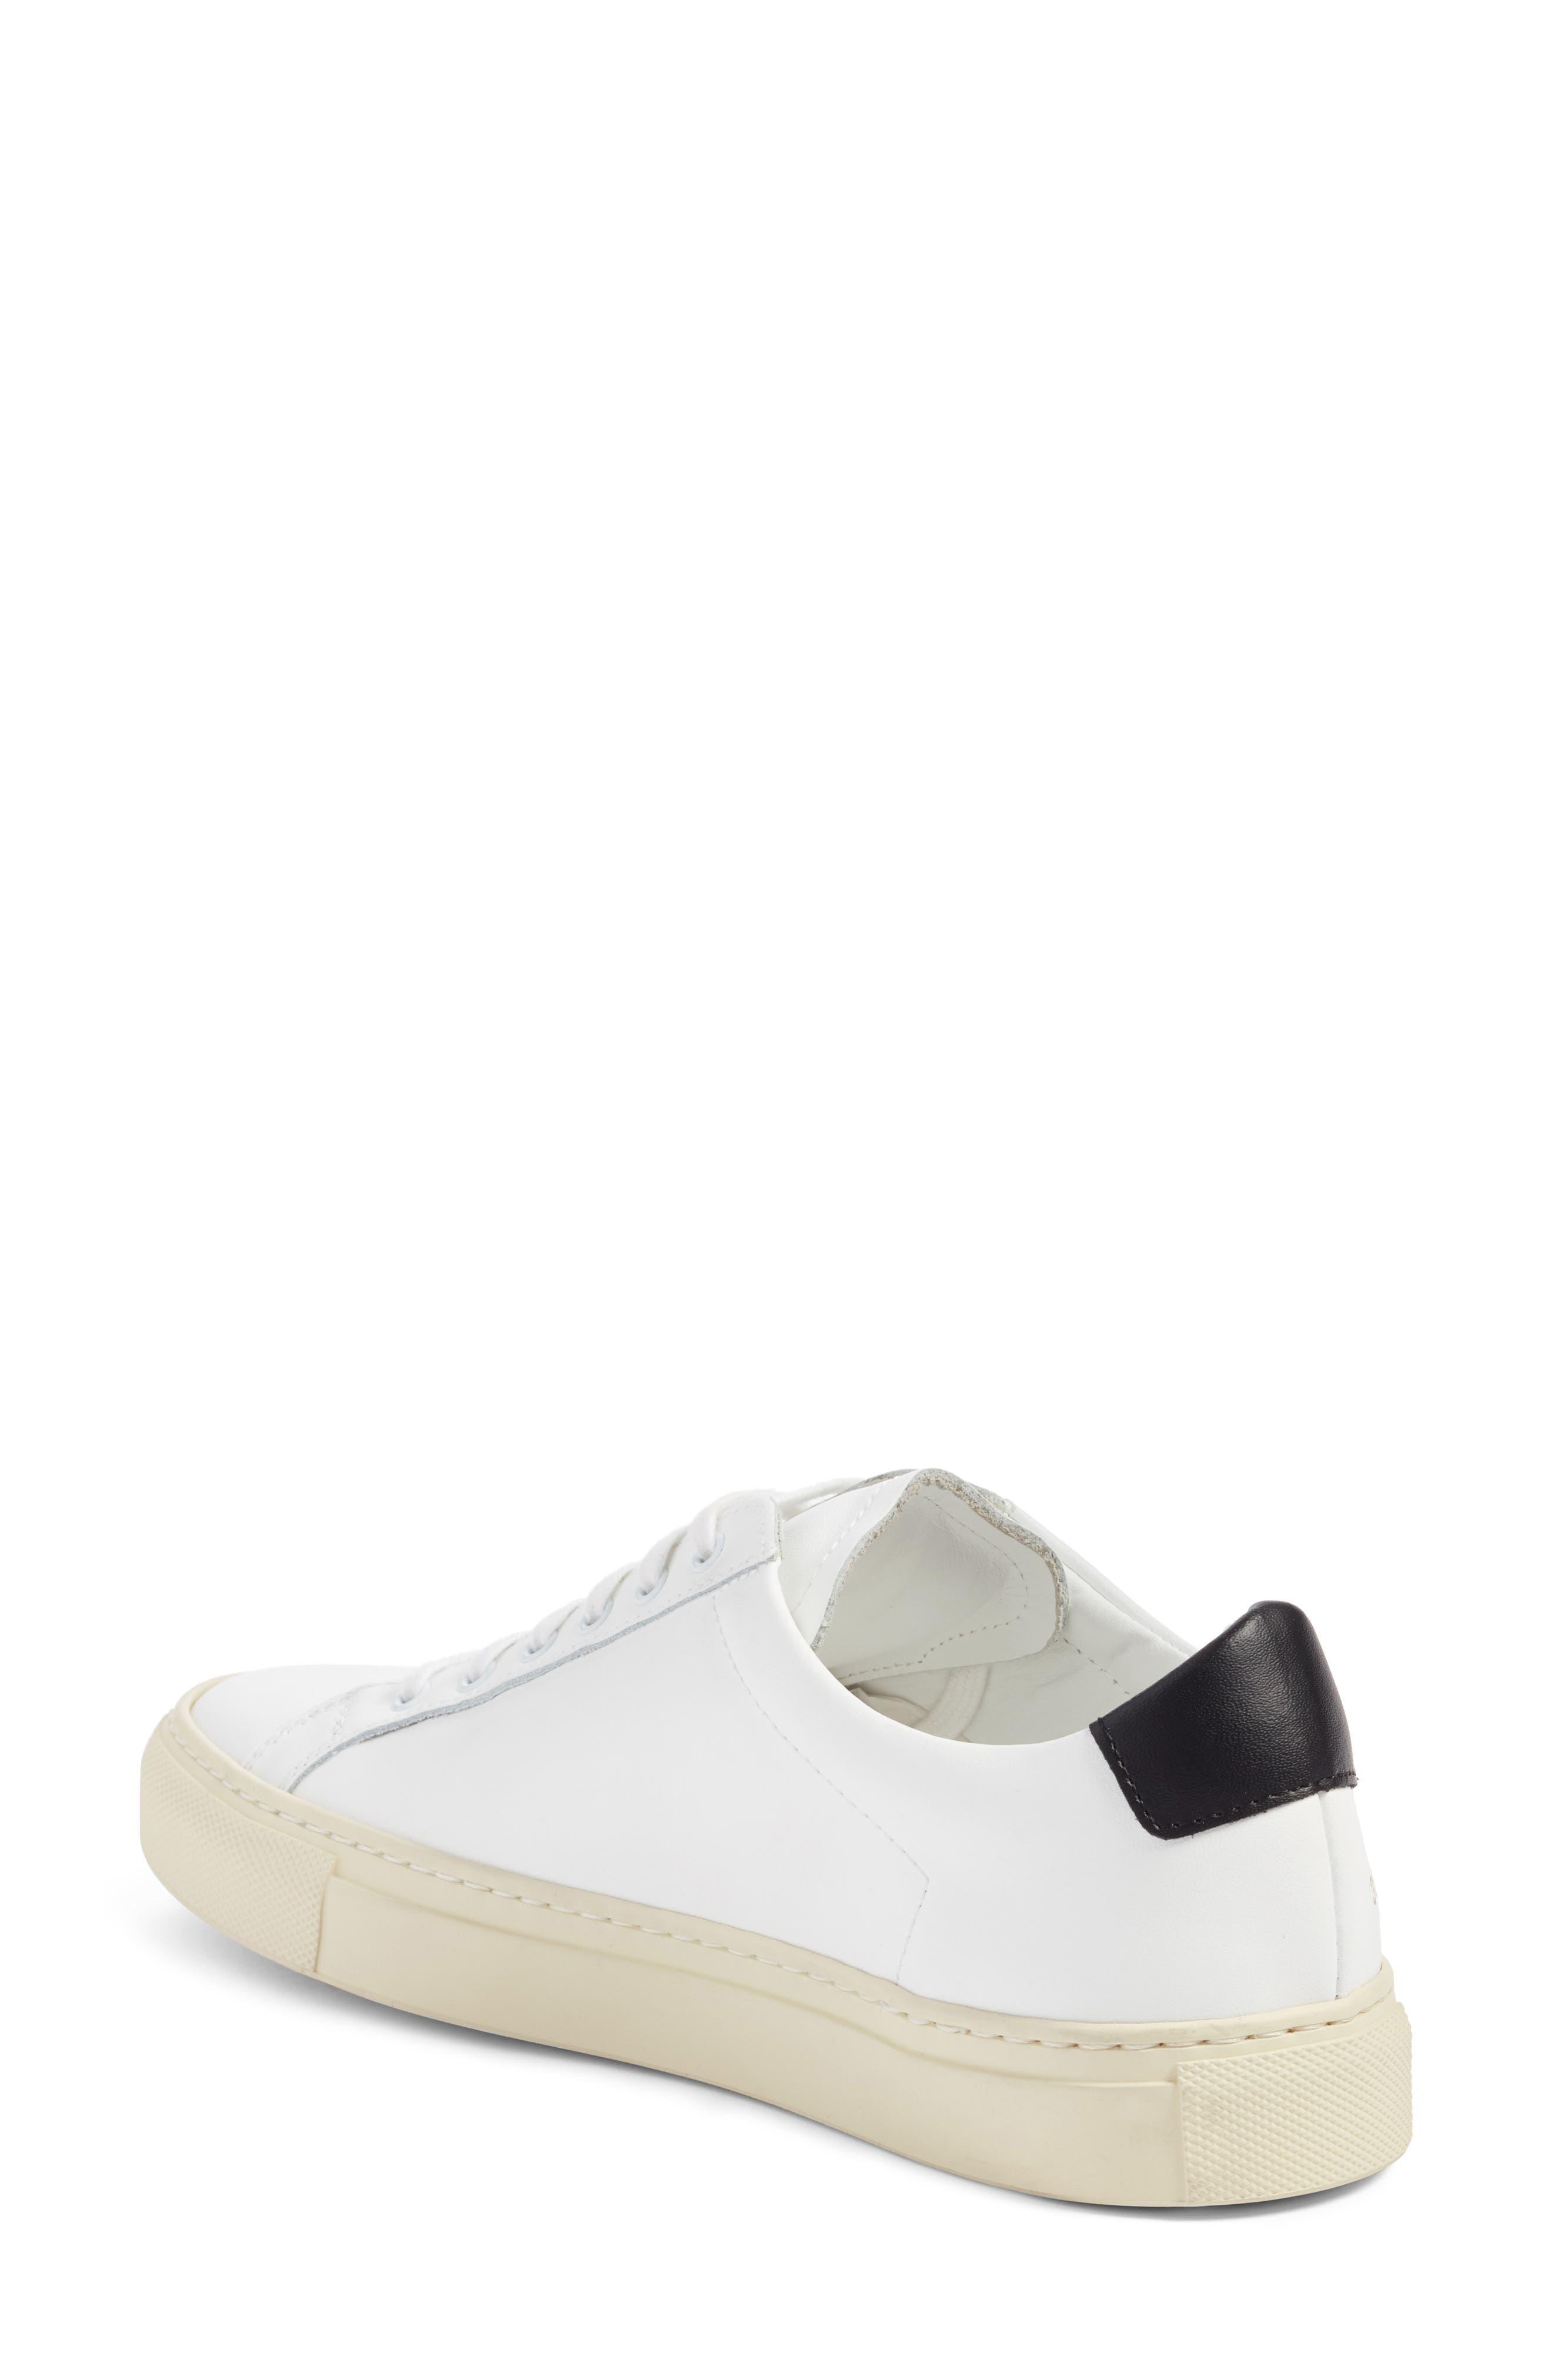 Achilles Low Top Sneaker,                             Alternate thumbnail 2, color,                             101